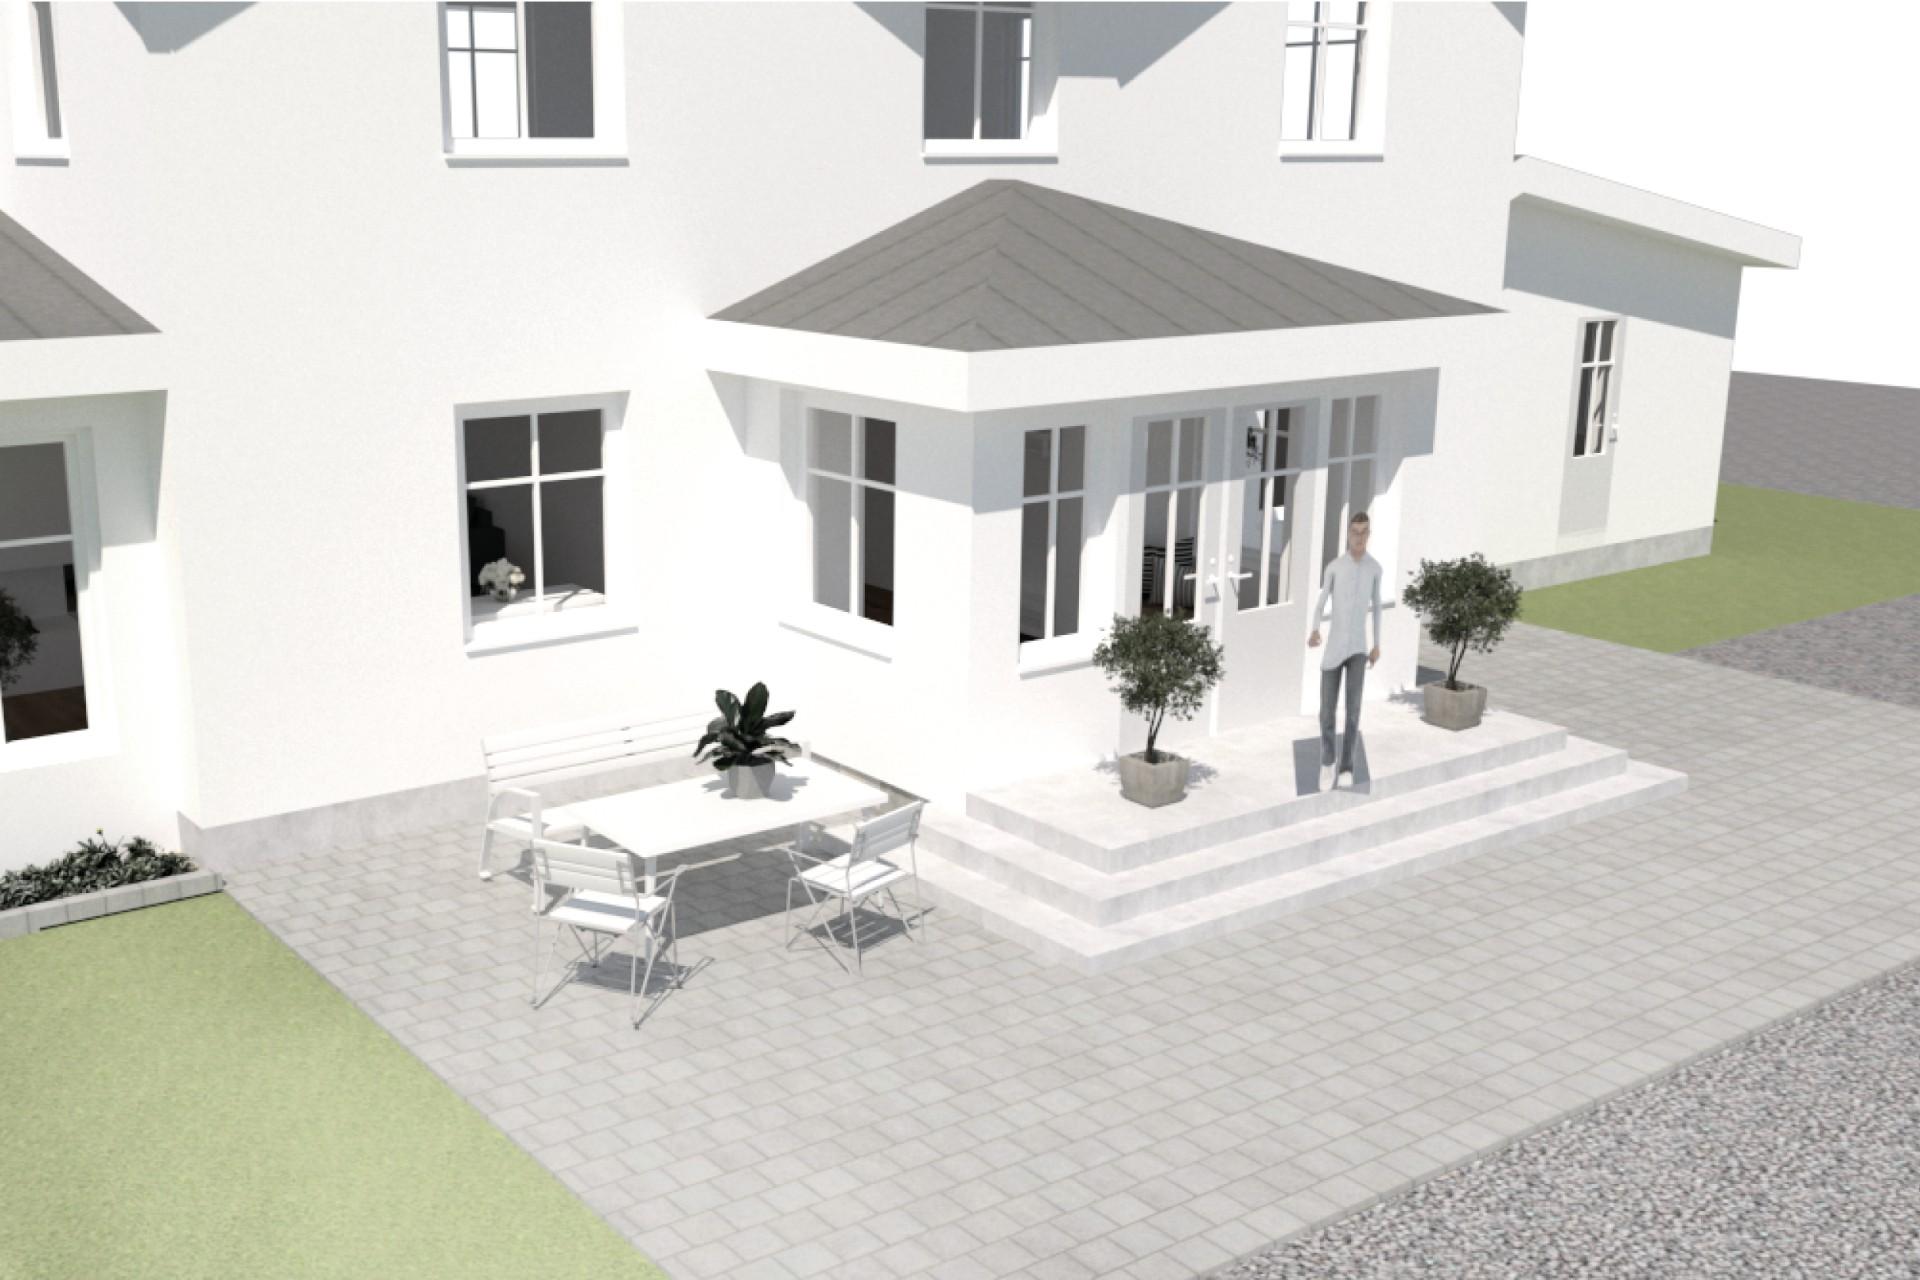 bilder-projekt-villa-holm02